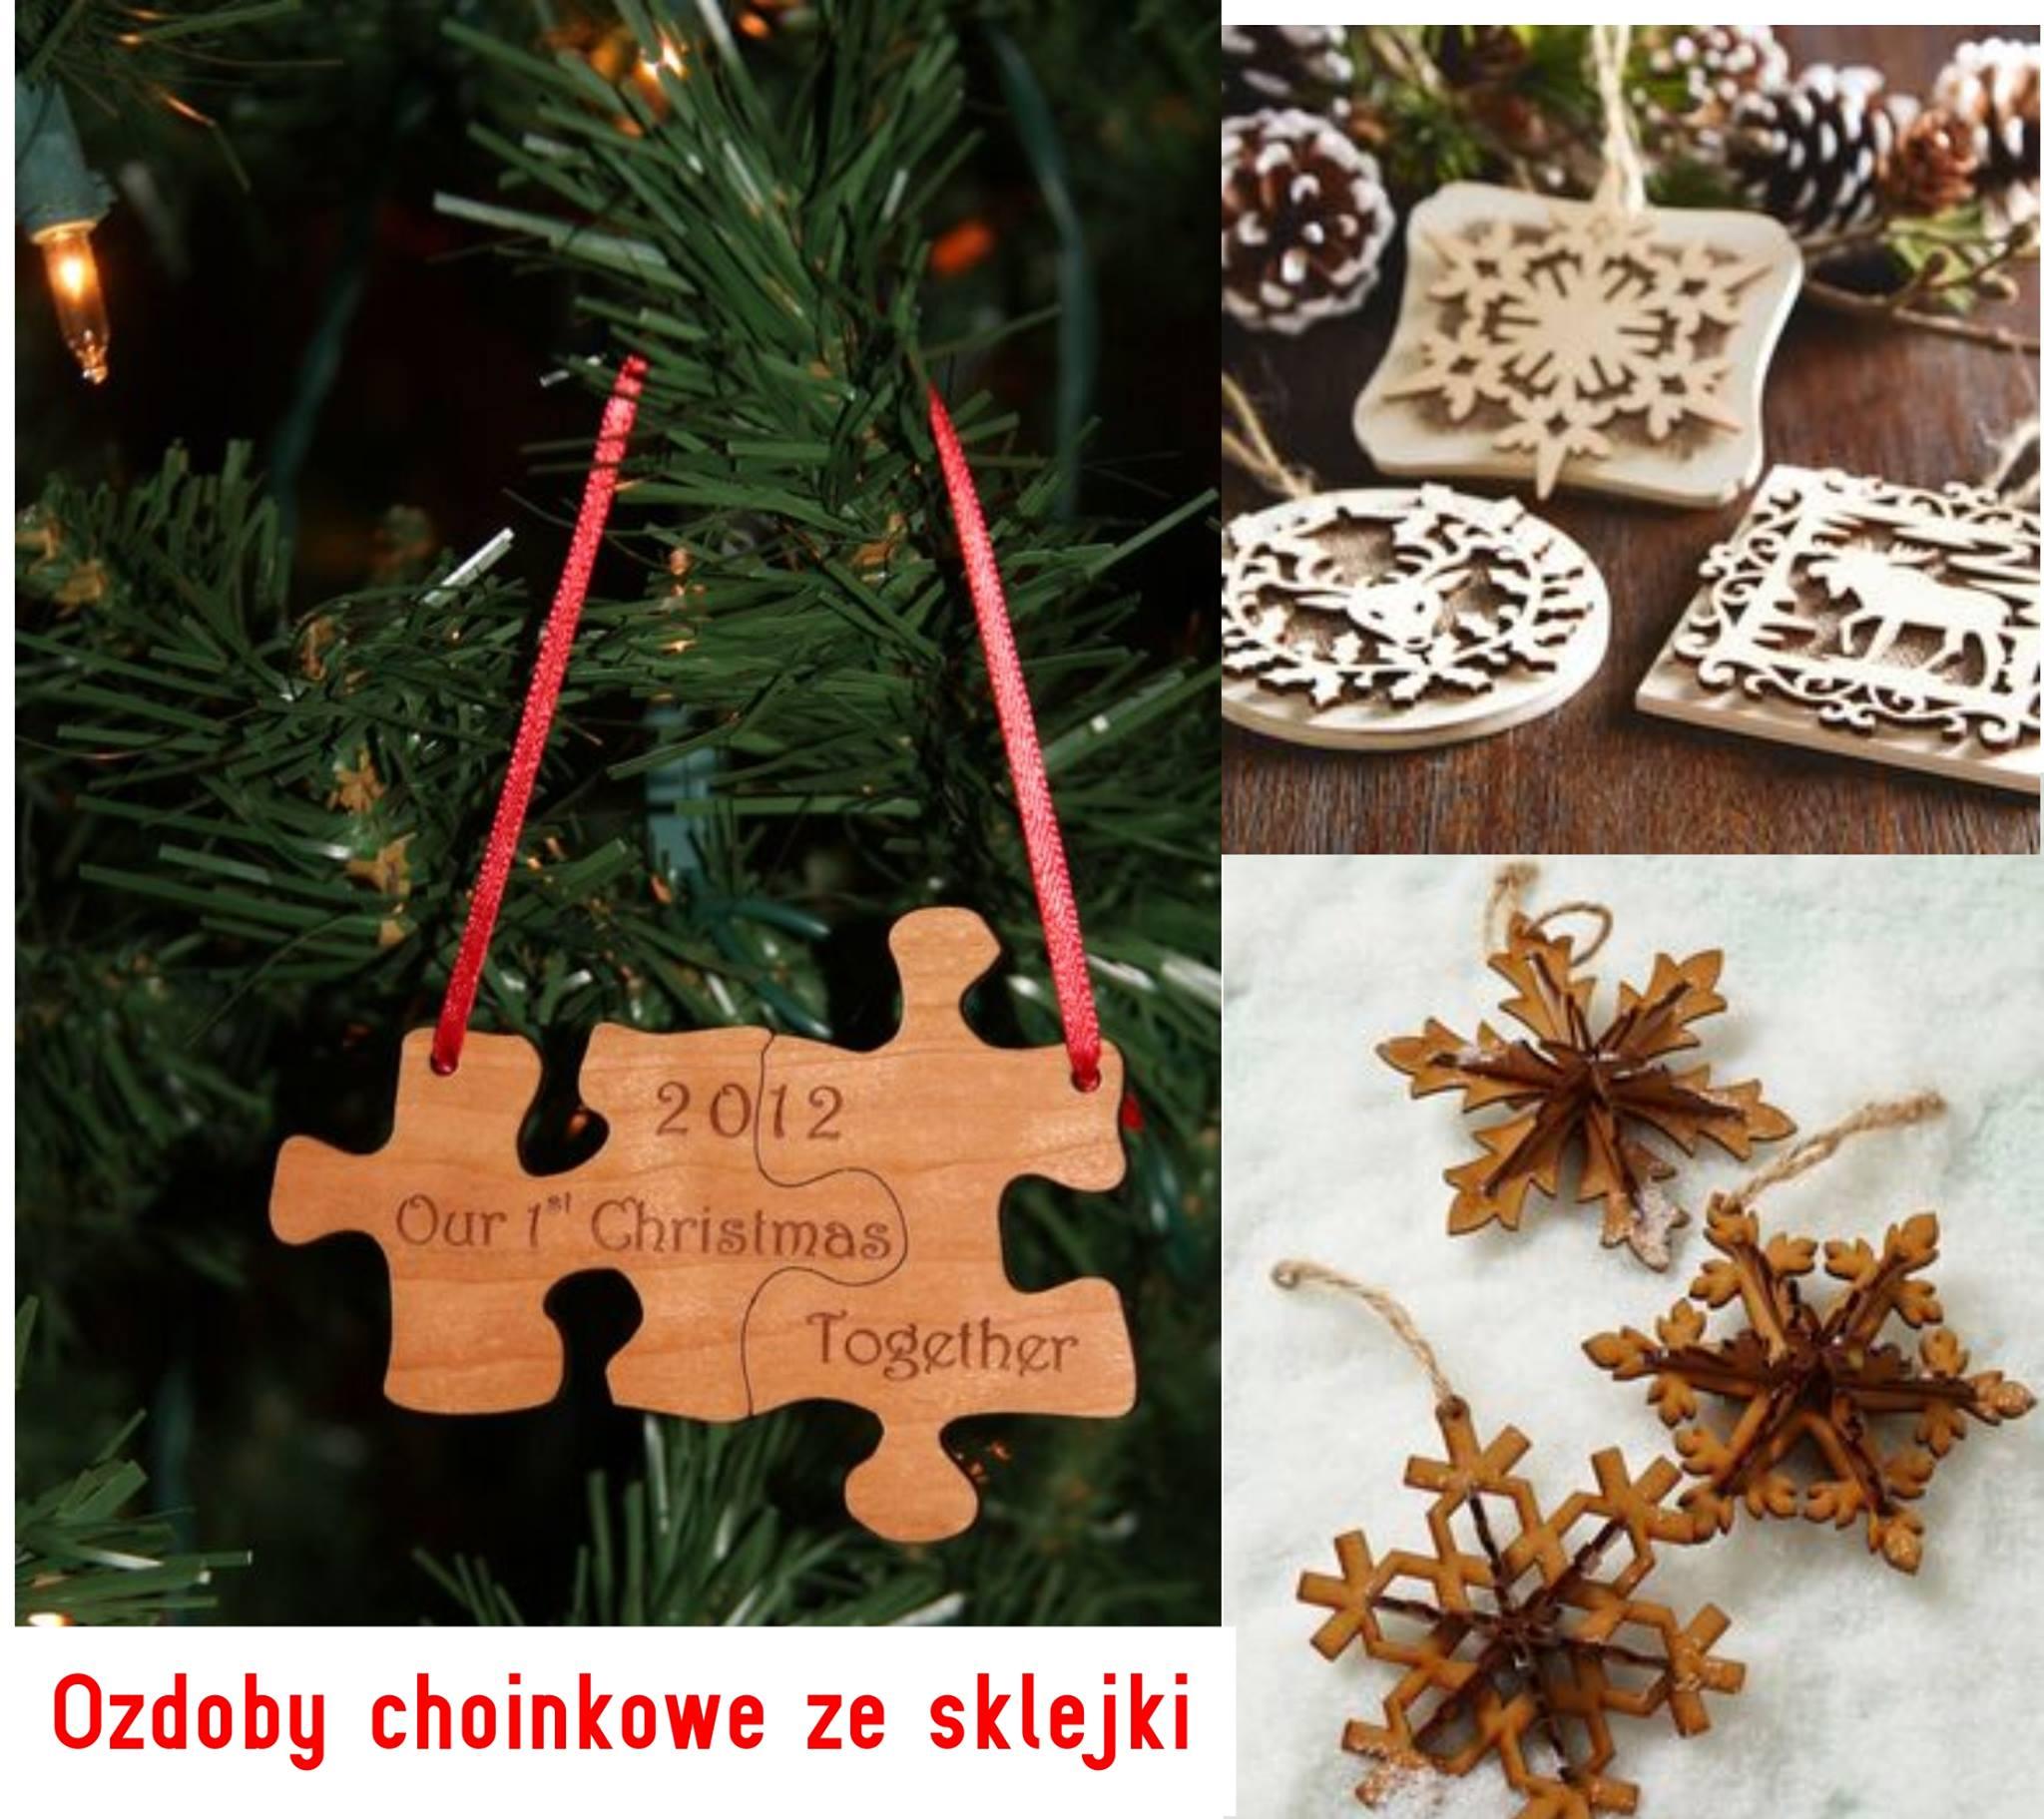 drewniane-ozdoby-na-choinke-ze-sklejki